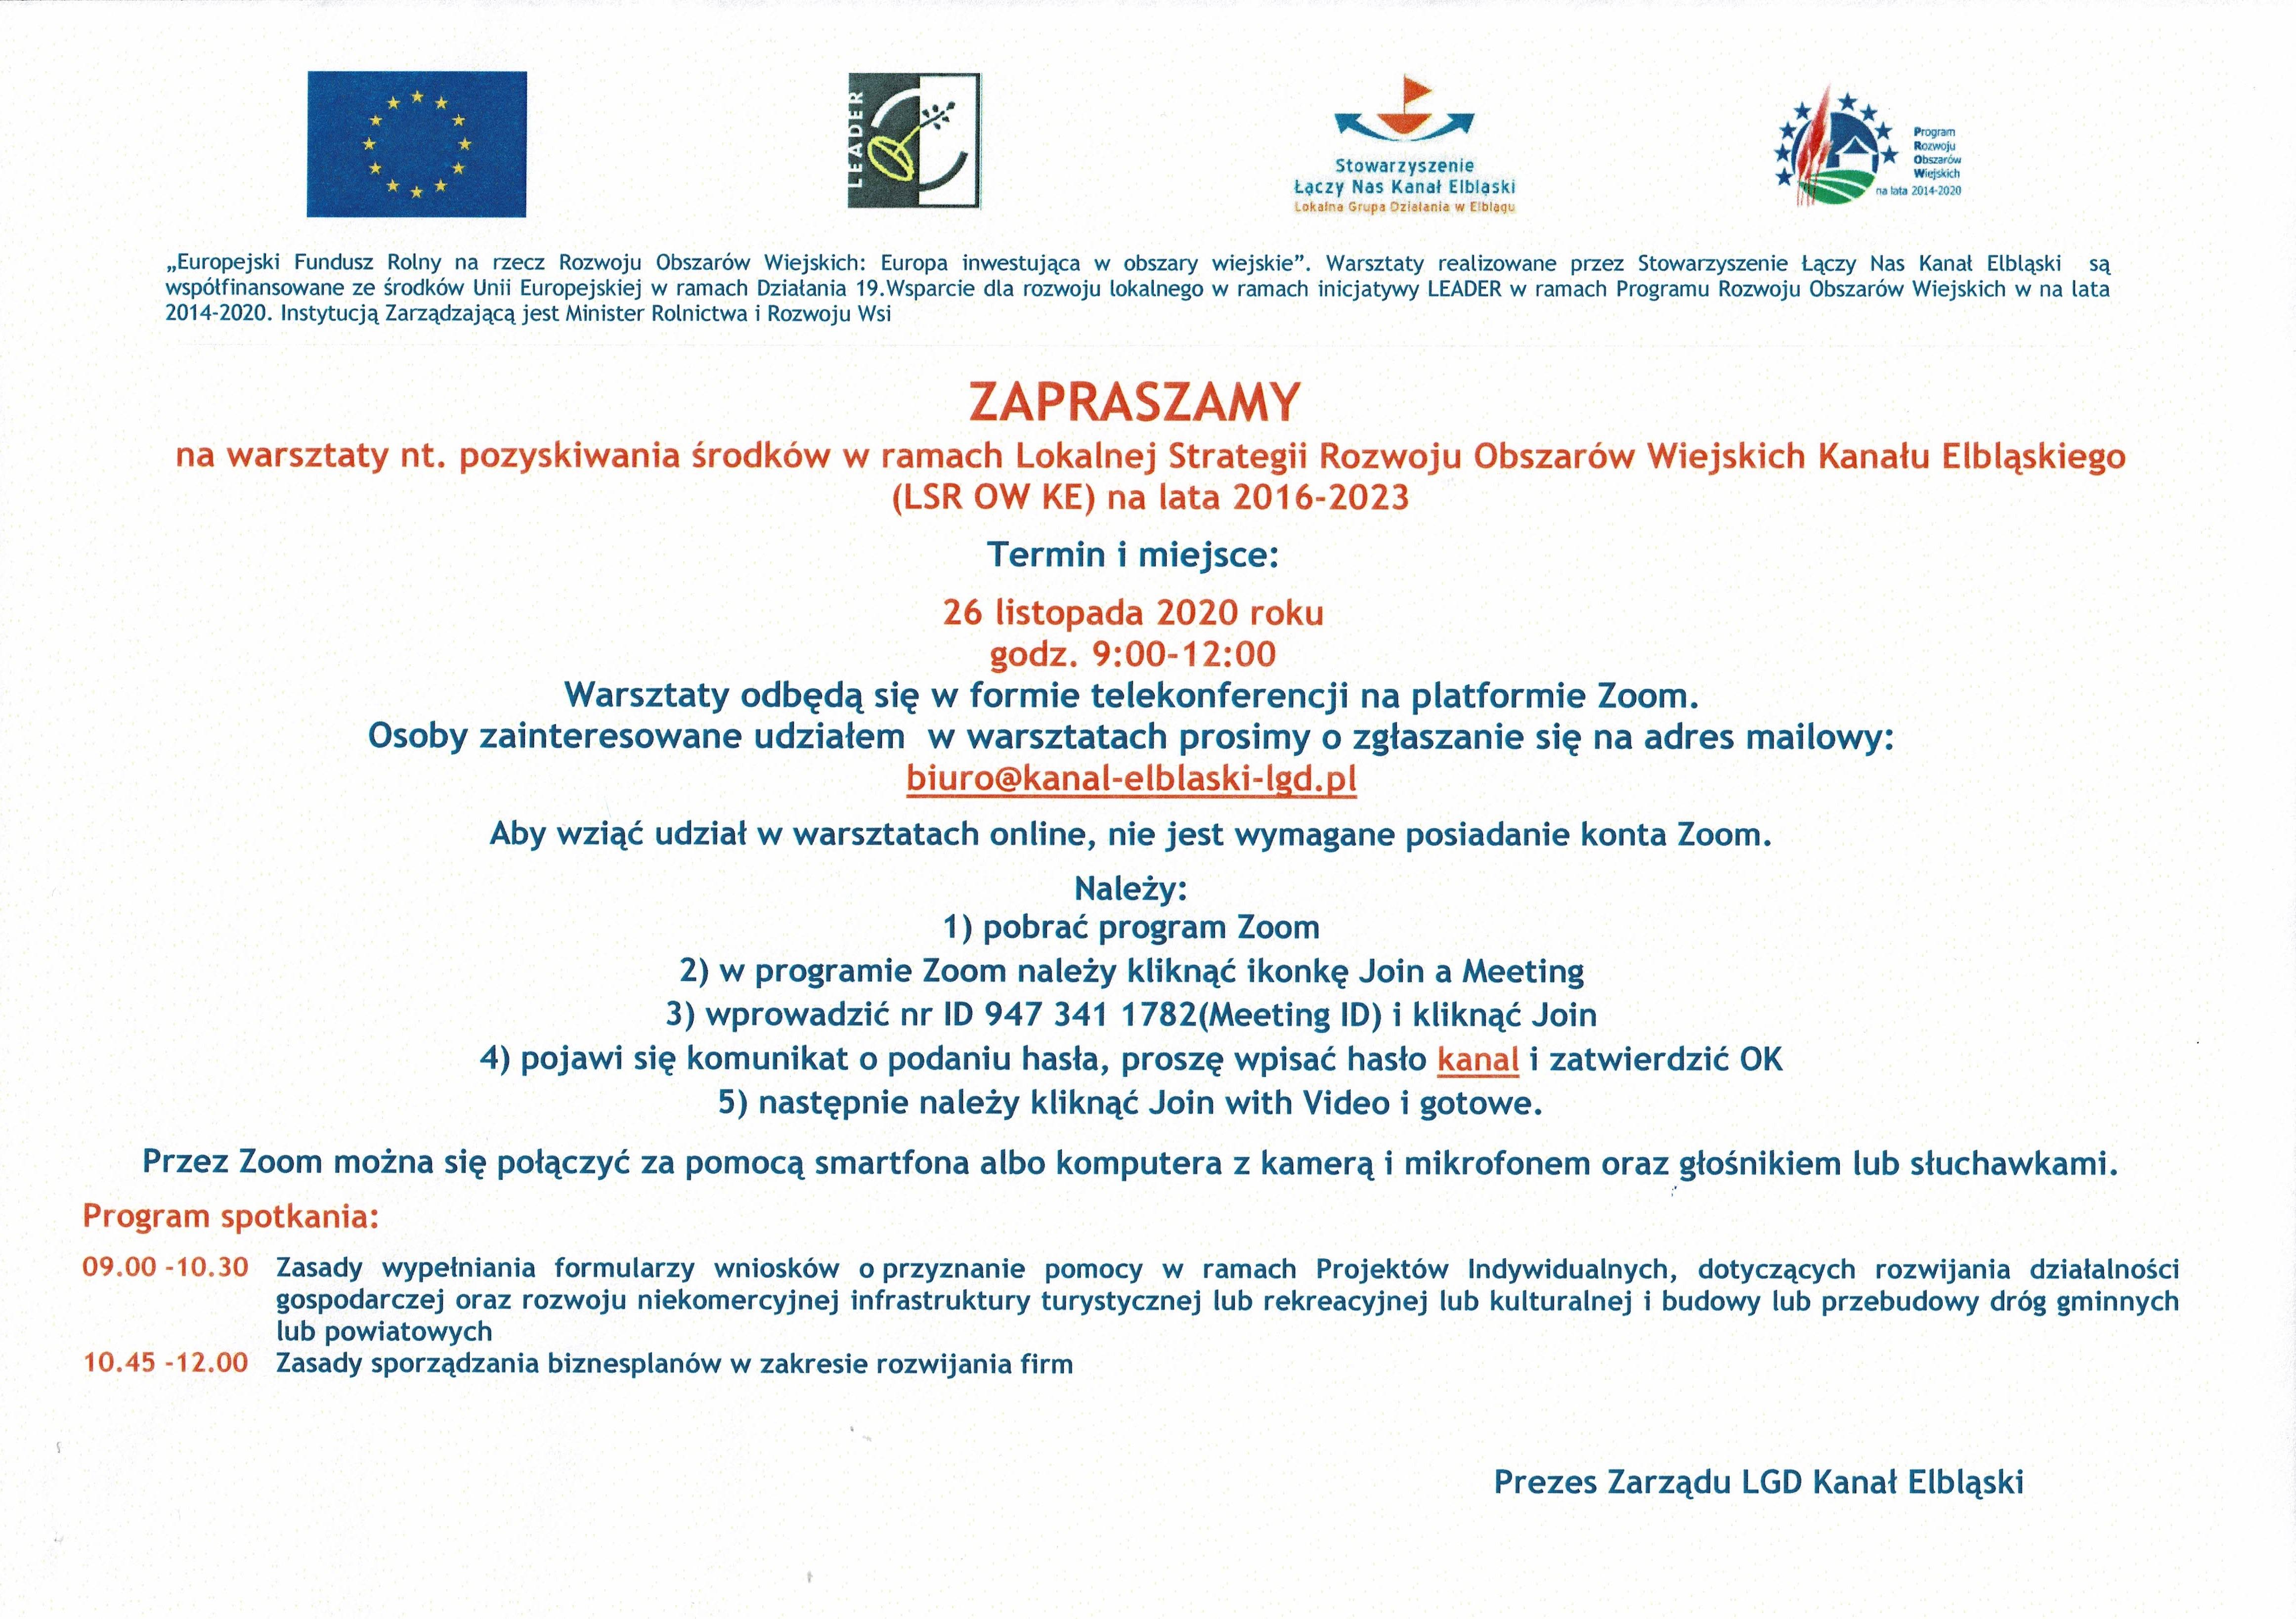 Ilustracja do informacji: Zaproszenie na warsztaty nt. pozyskiwania środków w ramach Lokalnej Strategii Rozwoju Obszarów Wiejskich Kanału Elbląskiego (LSR OW KE) na lata 2016-2023.